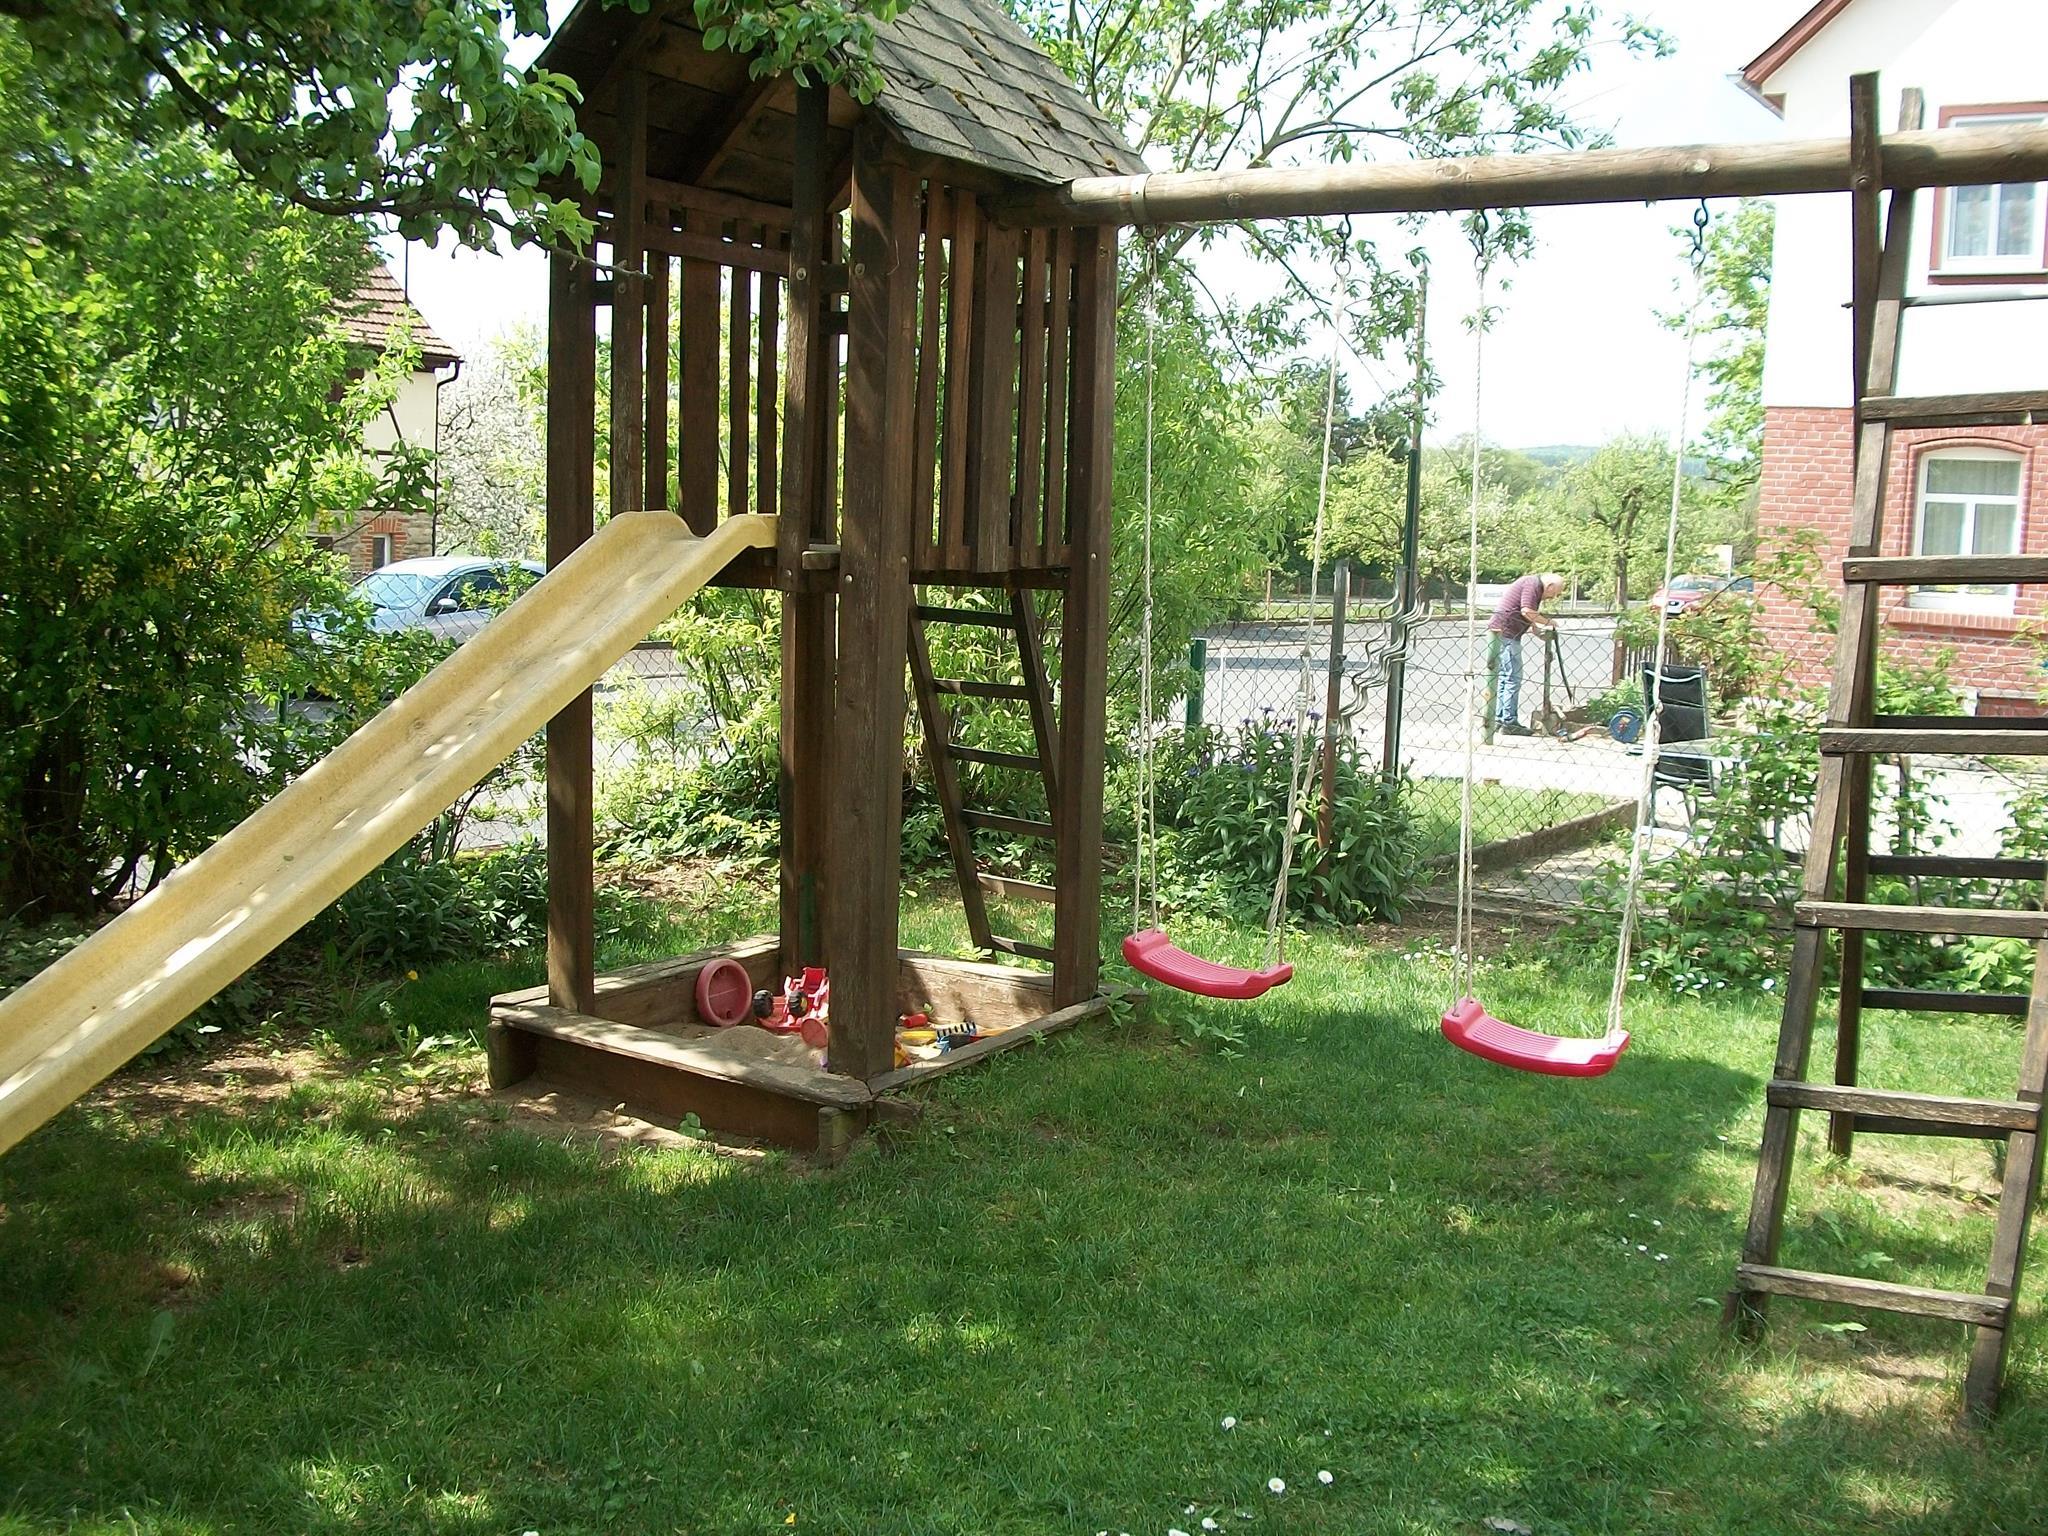 Katzen Spielplatz Garten Selber Bauen Holzschaukel Kinder Schaukel